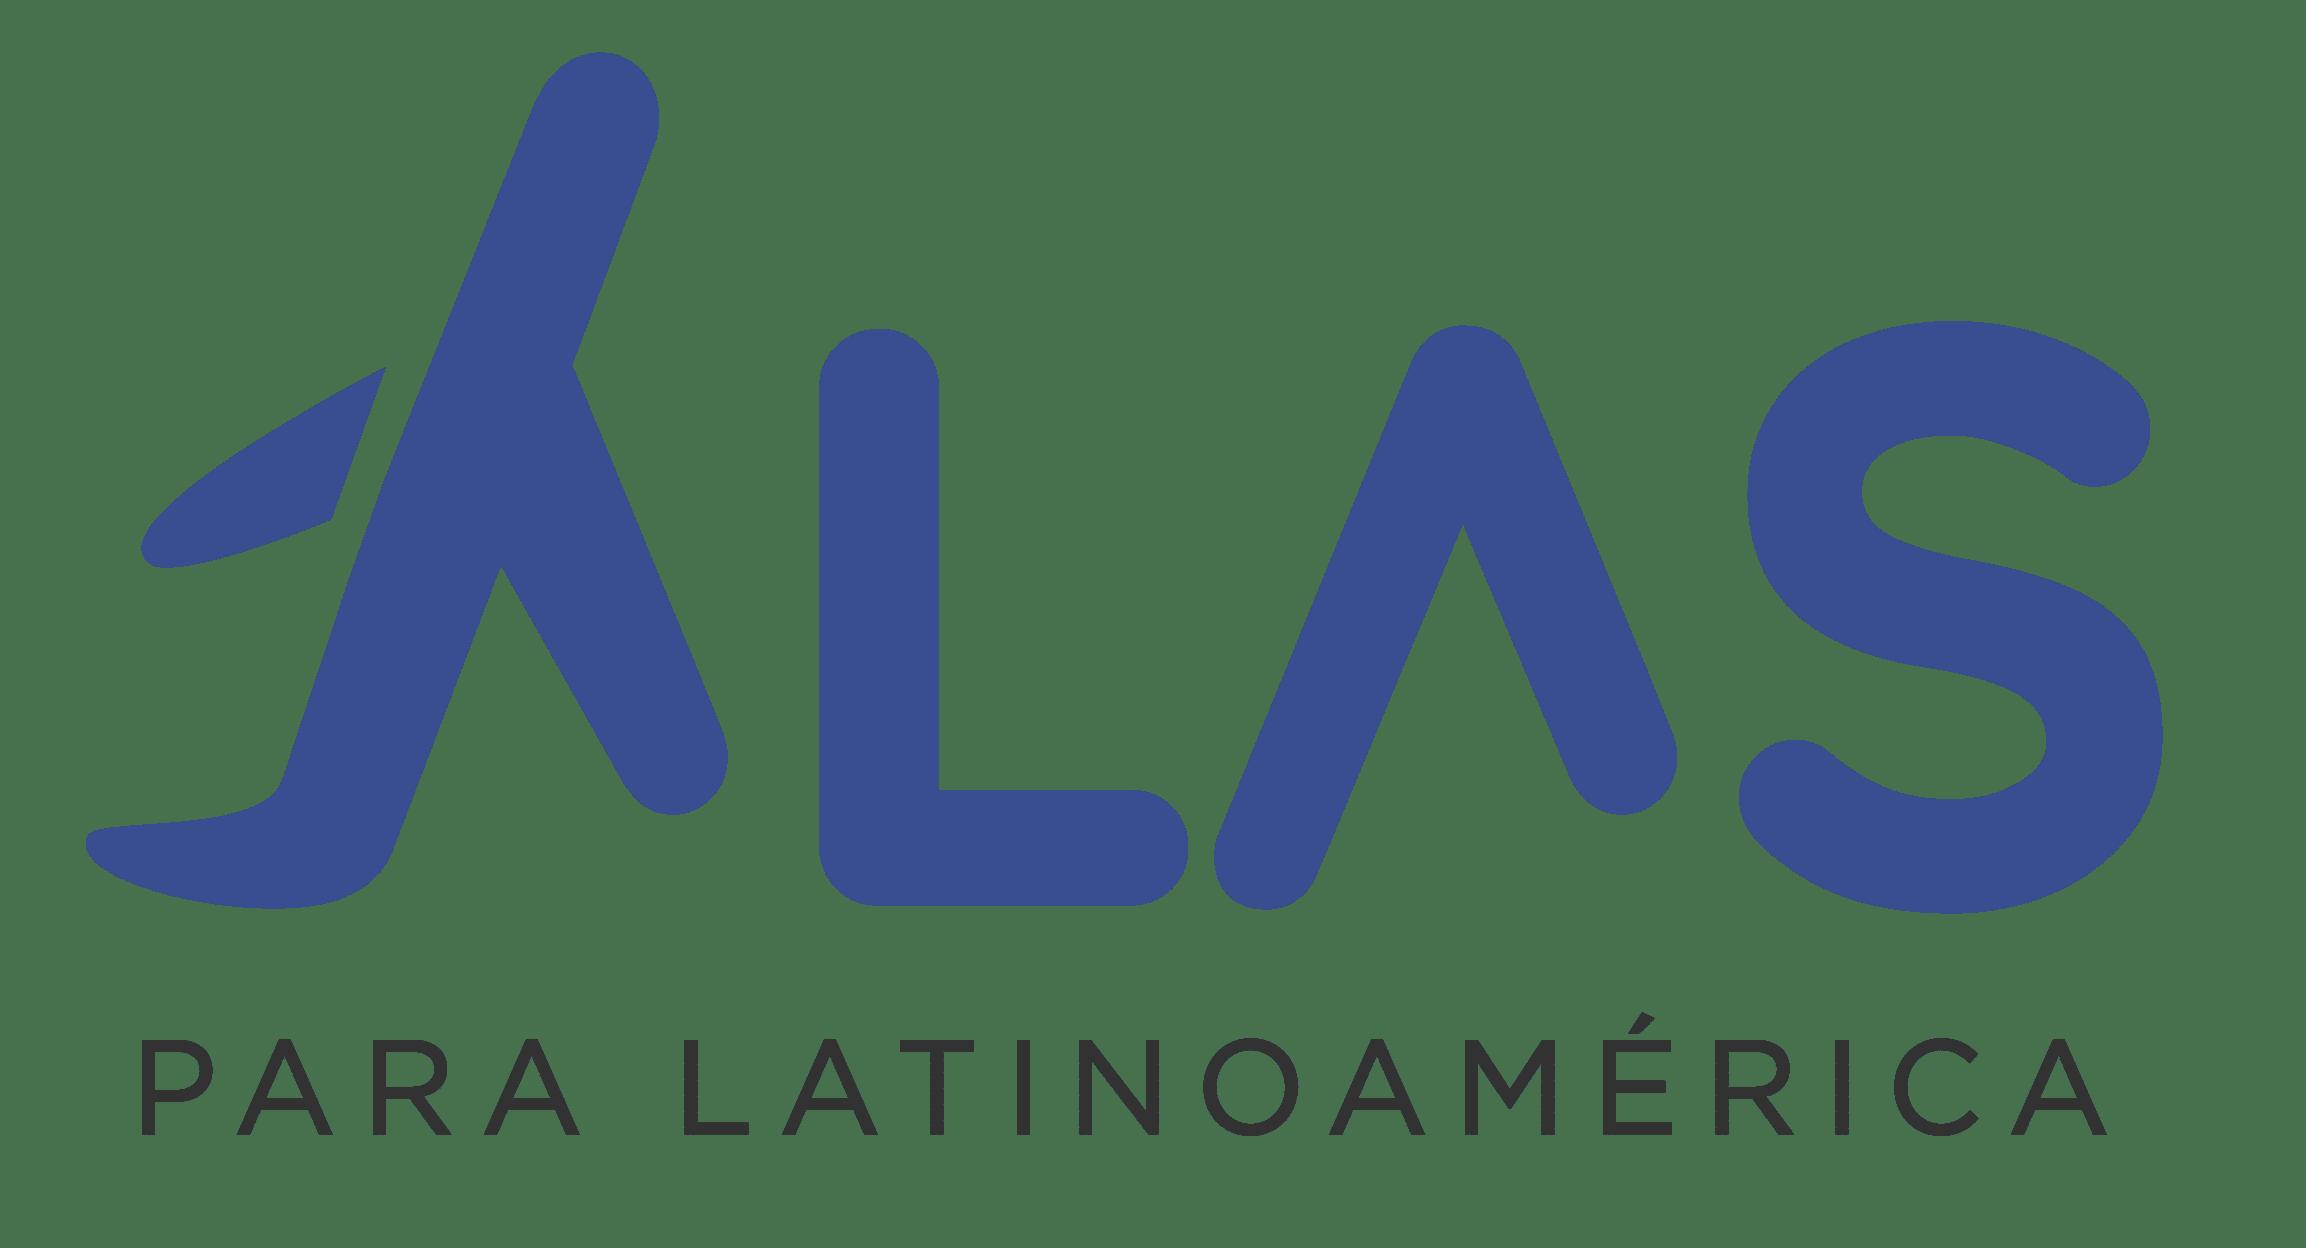 Logo ALAS FINAL HORIZONTAL-02 (SOLO PARA ENCABEZADOS)